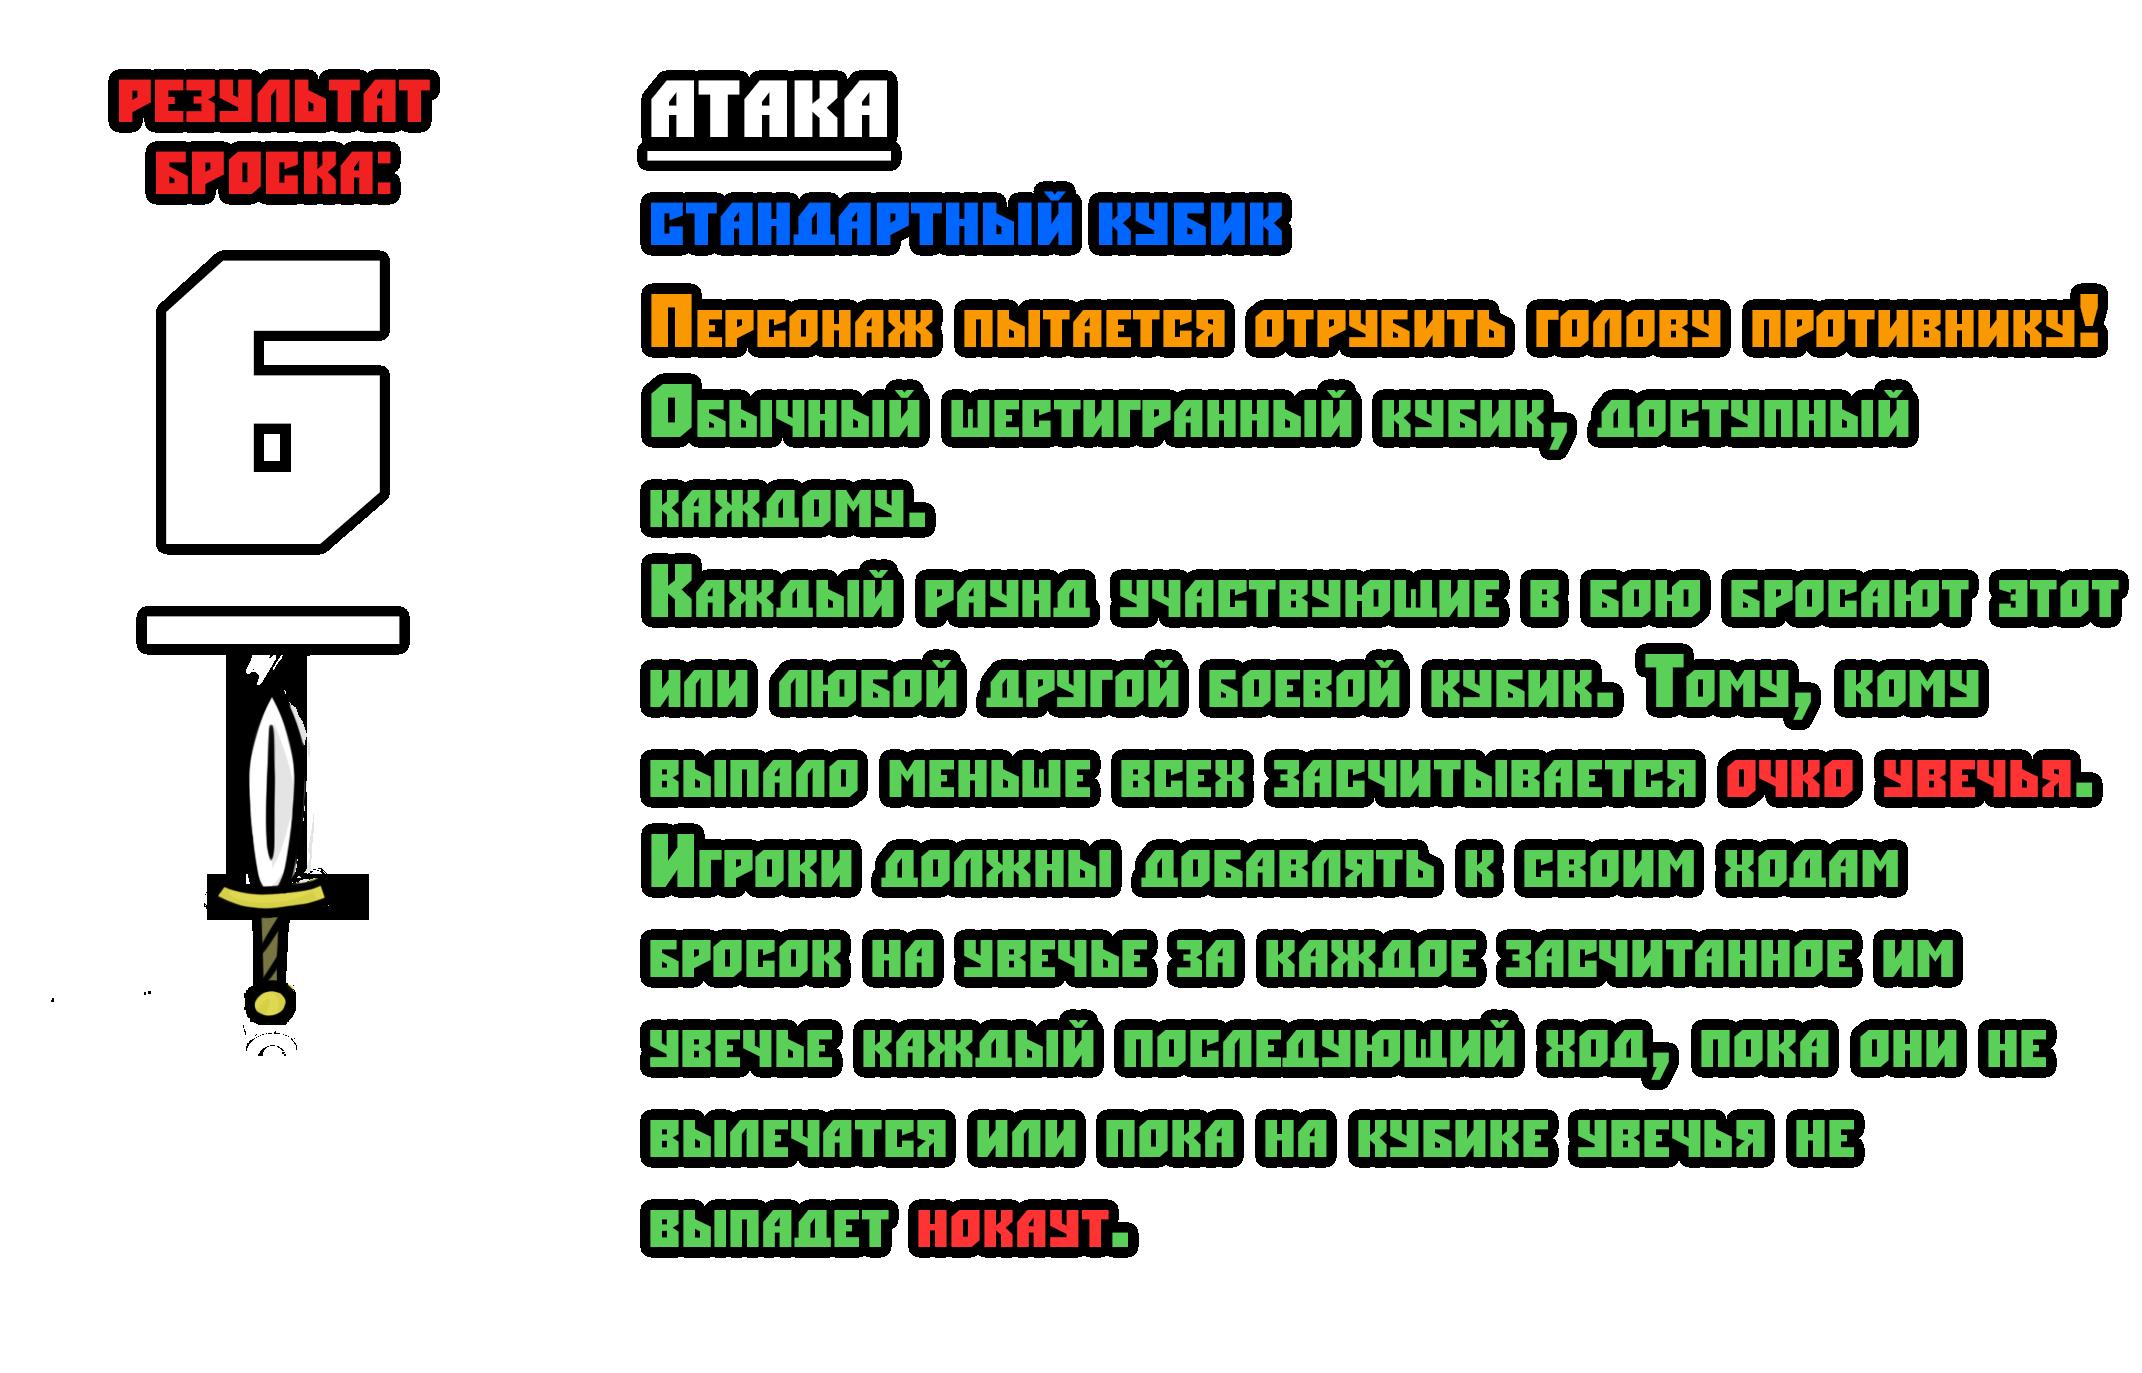 Тест боевой системы 6-1